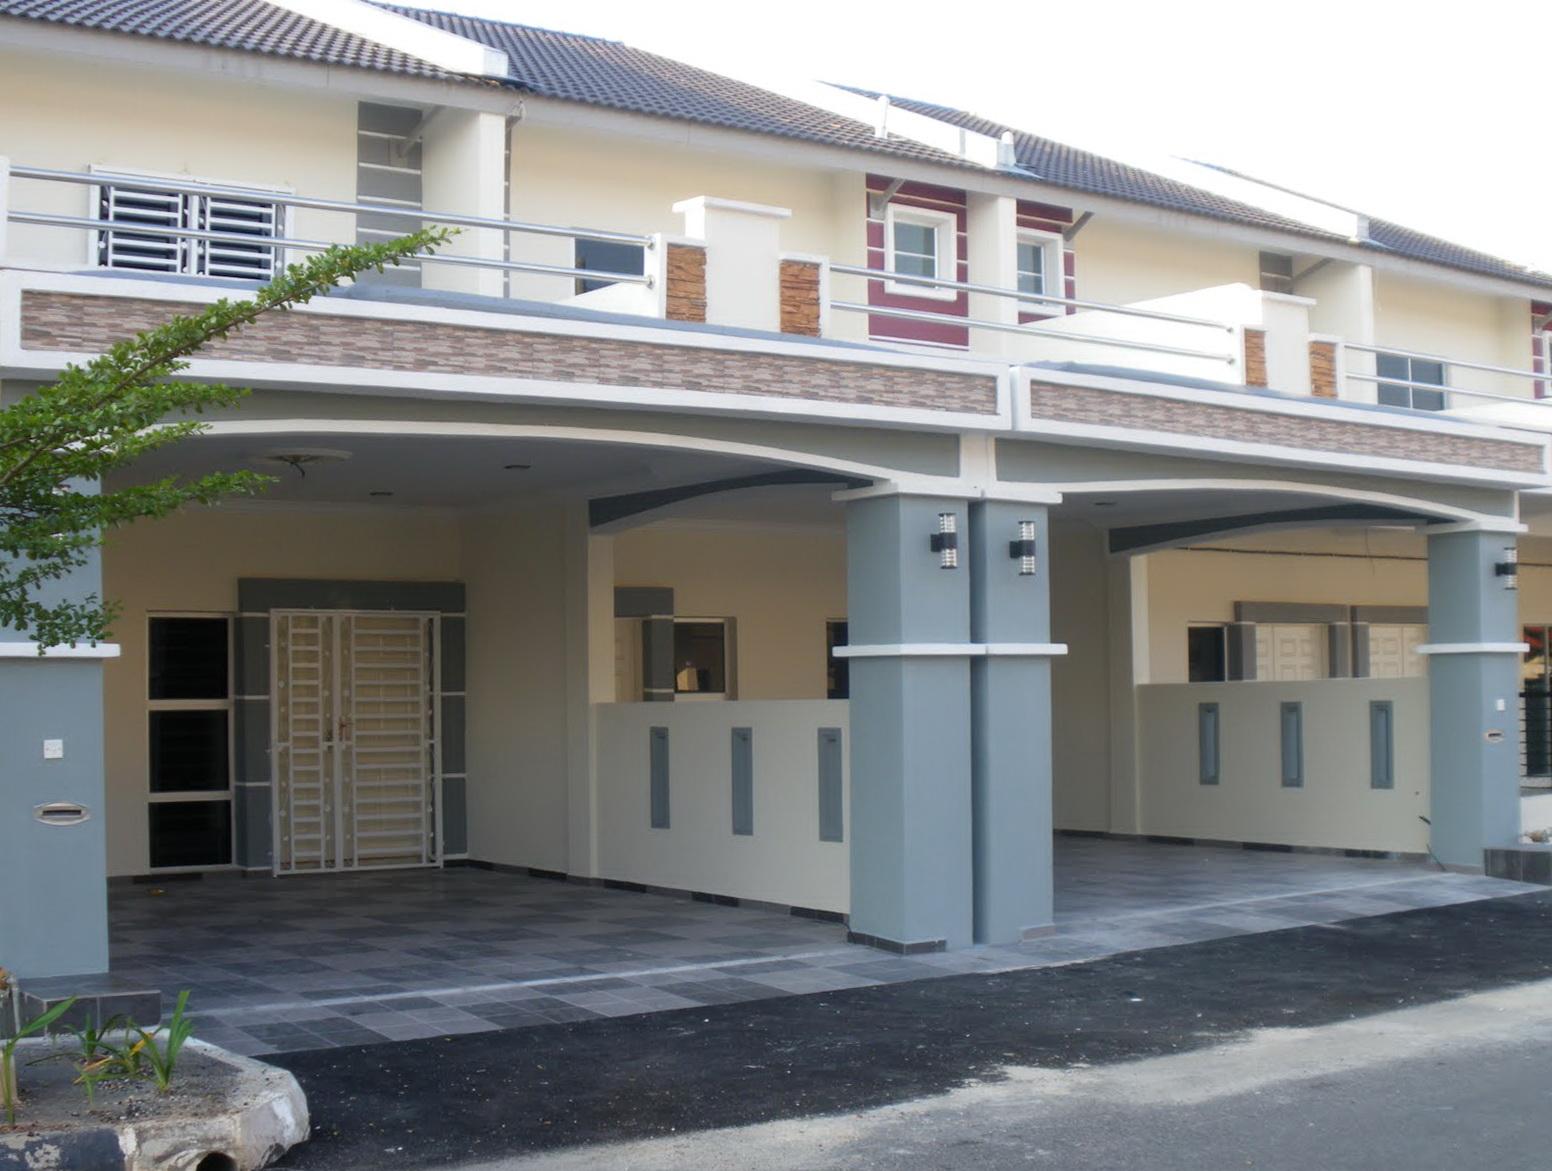 Car Porch Designs For Houses